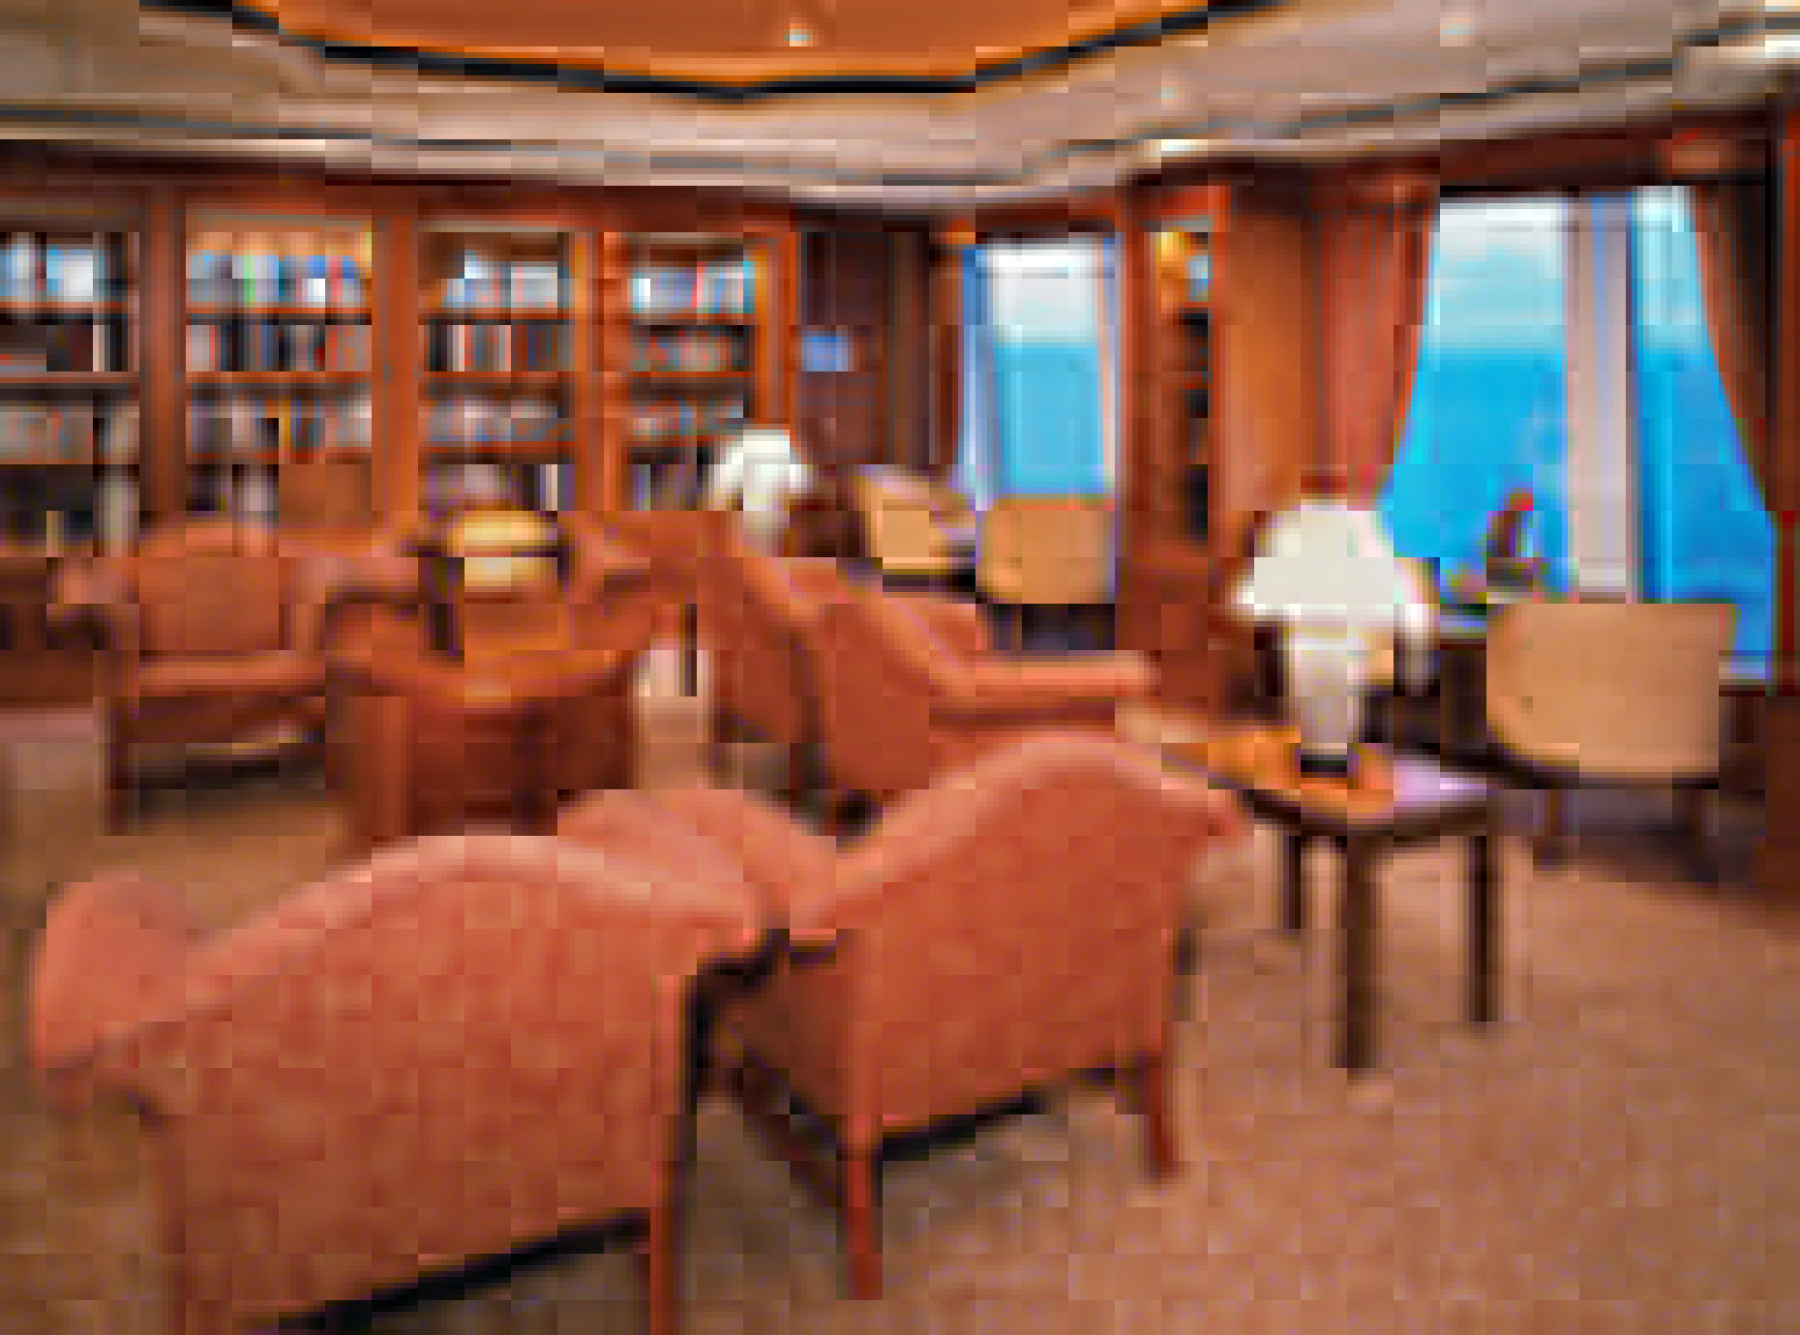 Norwegian Cruise Line Norwegian Spirit Interior Library.jpg